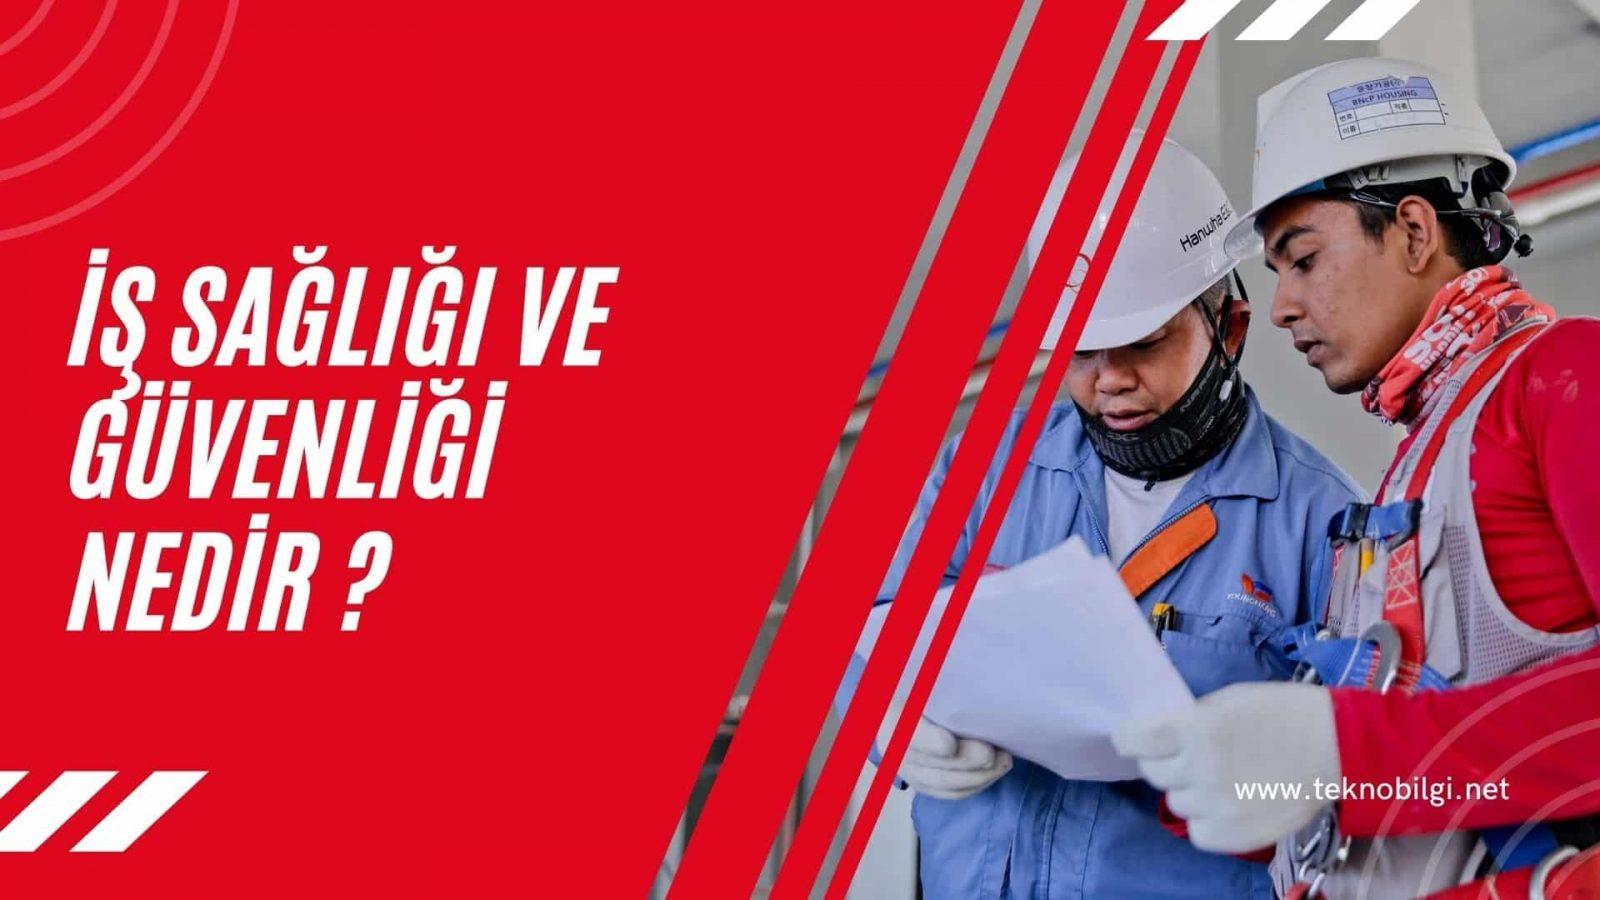 İş Sağlığı ve Güvenliği Nedir, İş Sağlığı ve Güvenliği Nedir ?